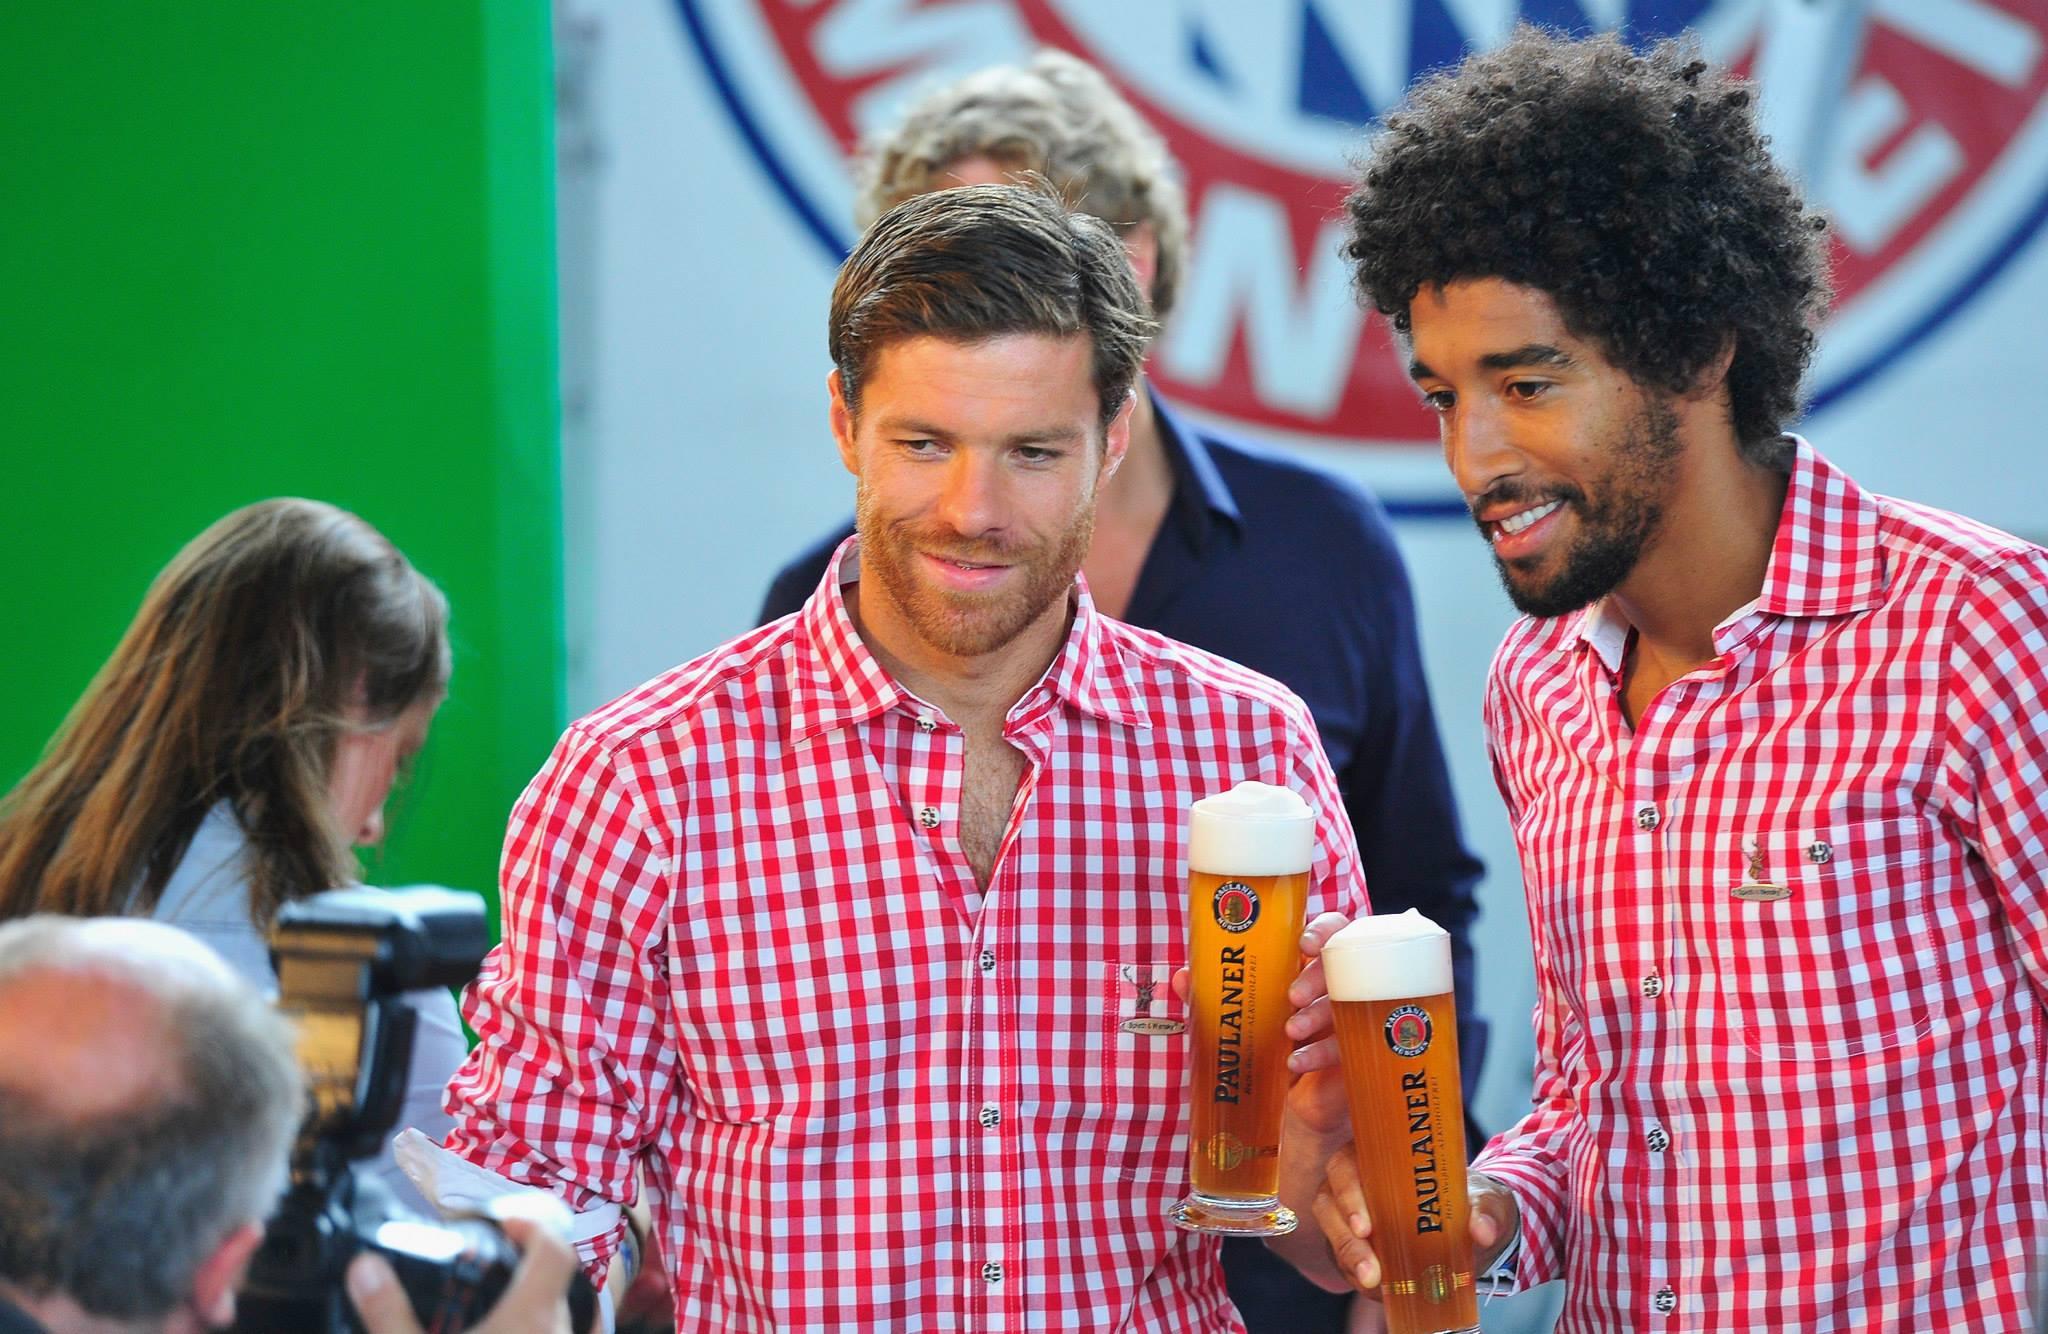 بالصور لاعبي نادي بايرن ميونخ المسلمين يرفضون التصوير مع الخمور